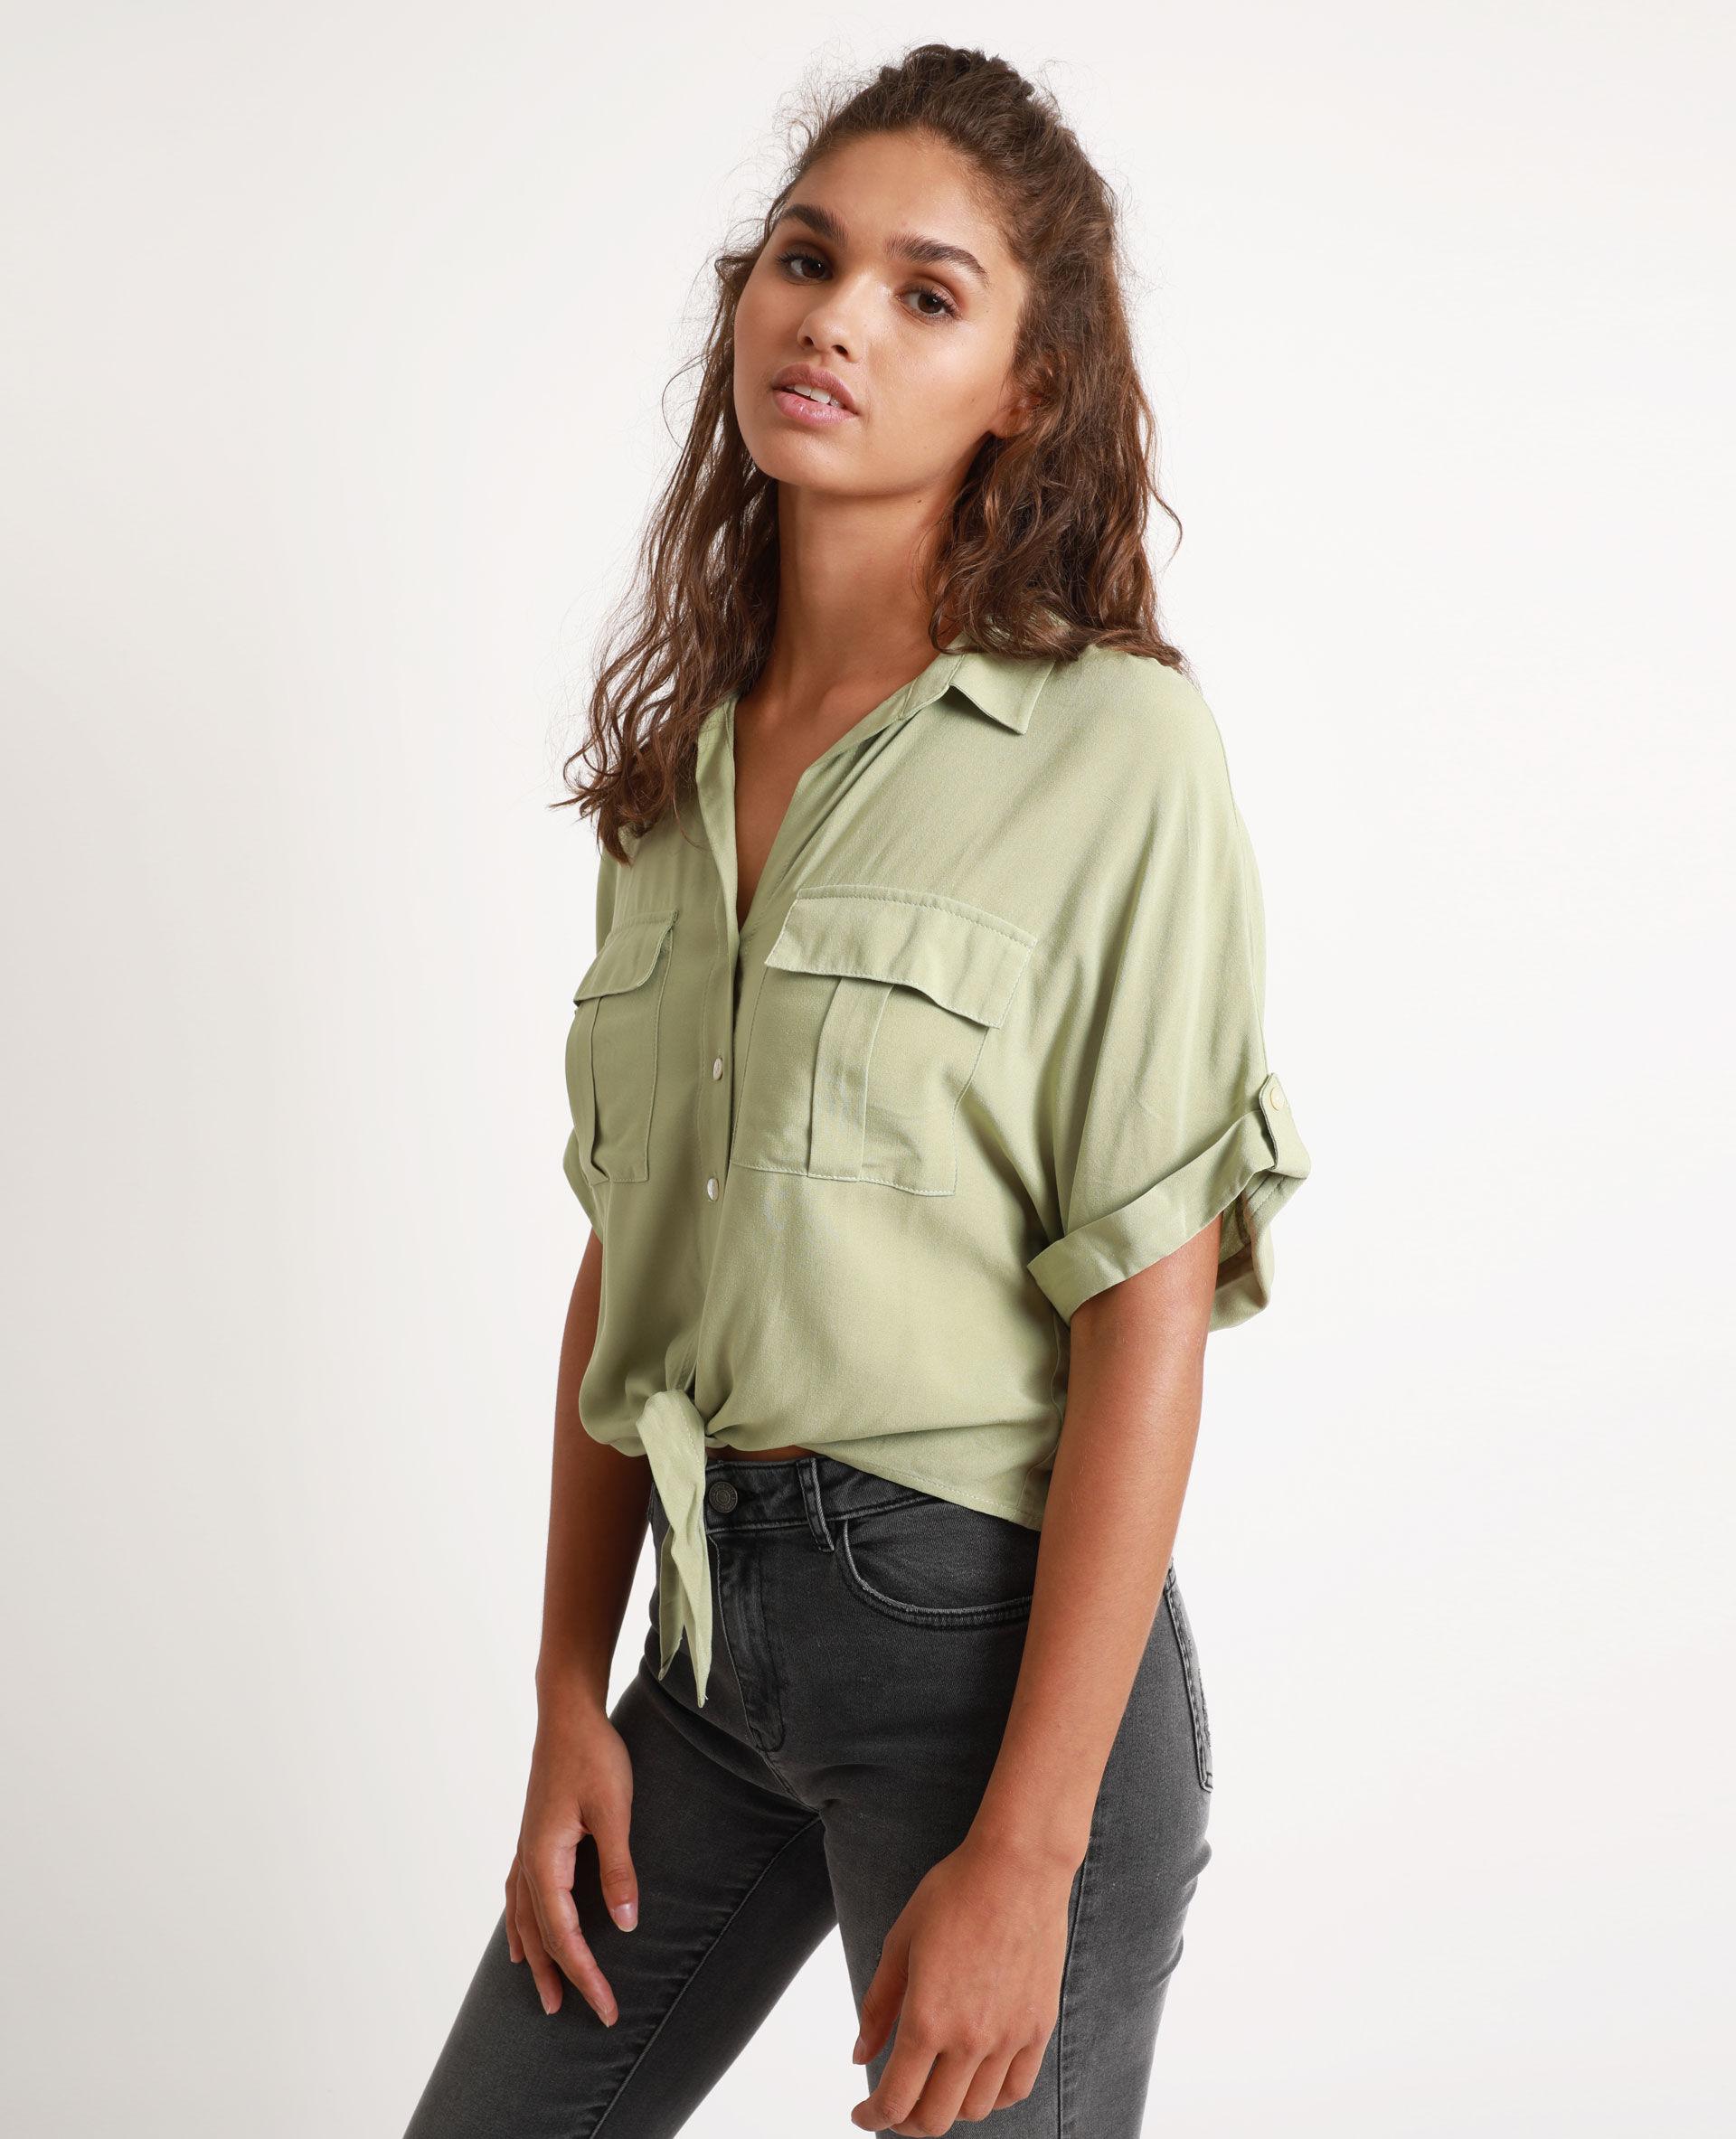 Chemise à manches courtes Femme - Couleur vert - Taille 44 - PIMKIE - MODE FEMME